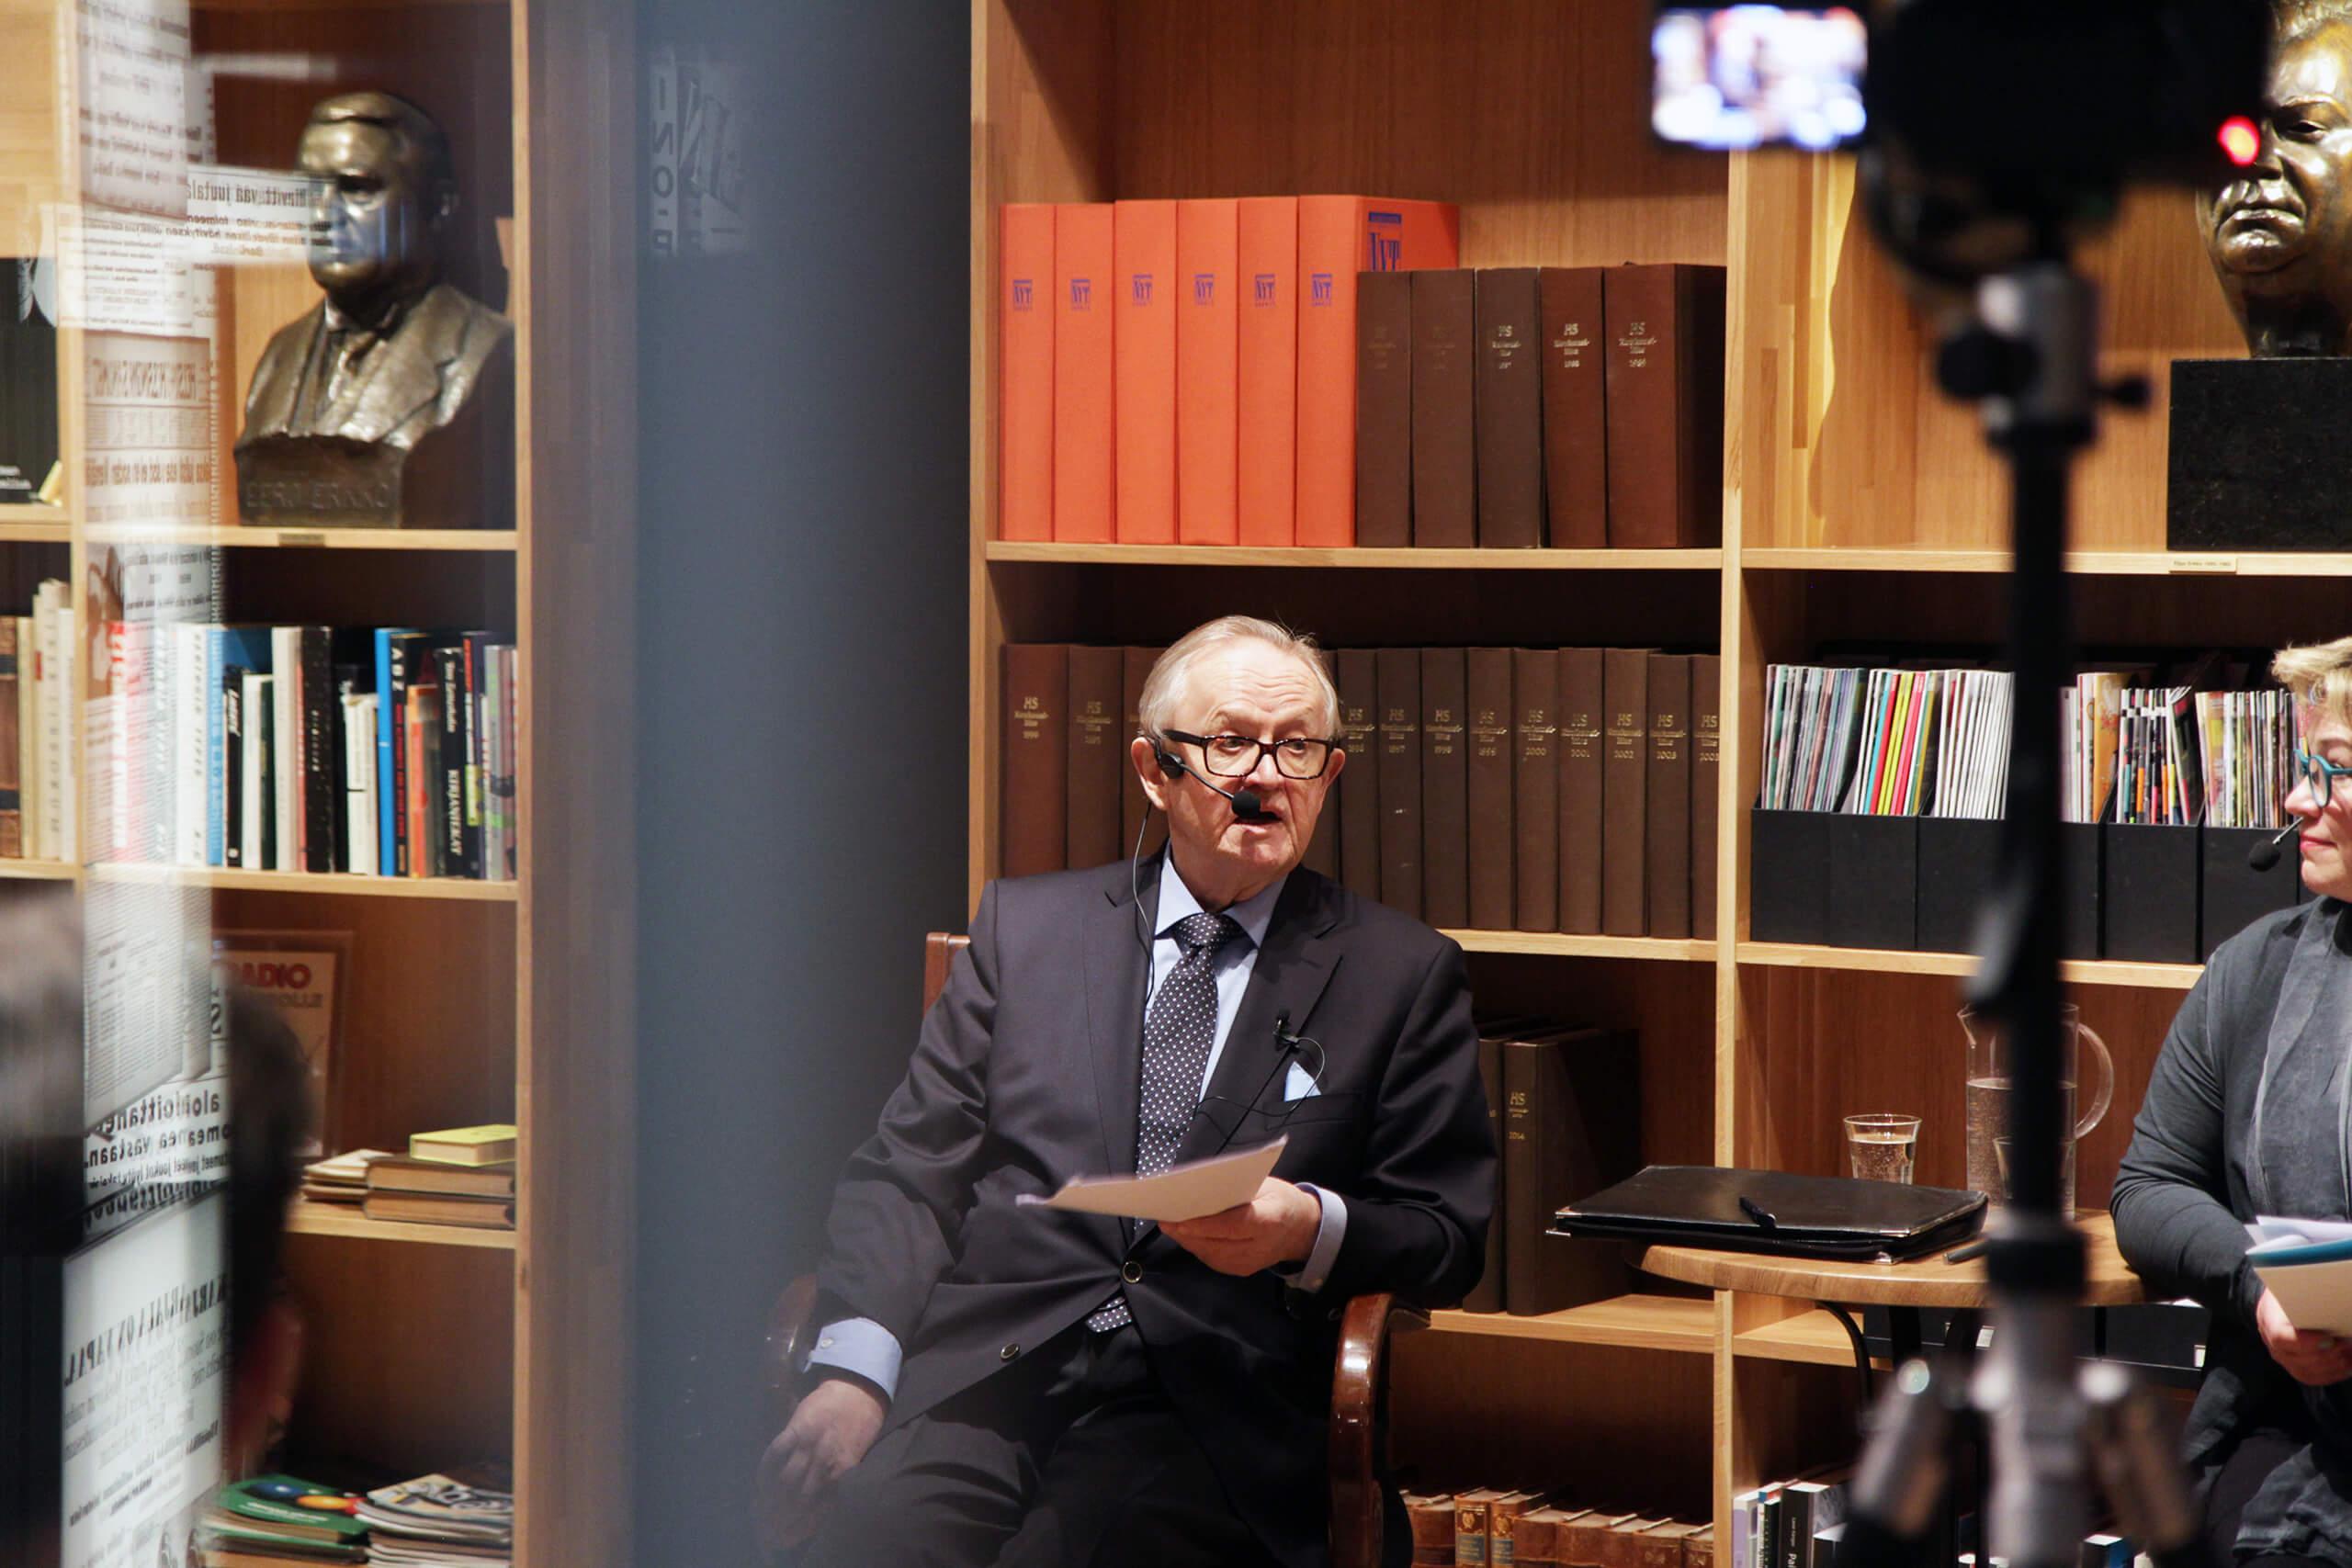 Martti Ahtisaari jakoi rauhanvälitysoppejaan helsinkiläislukiolaisille Päivälehden museossa.